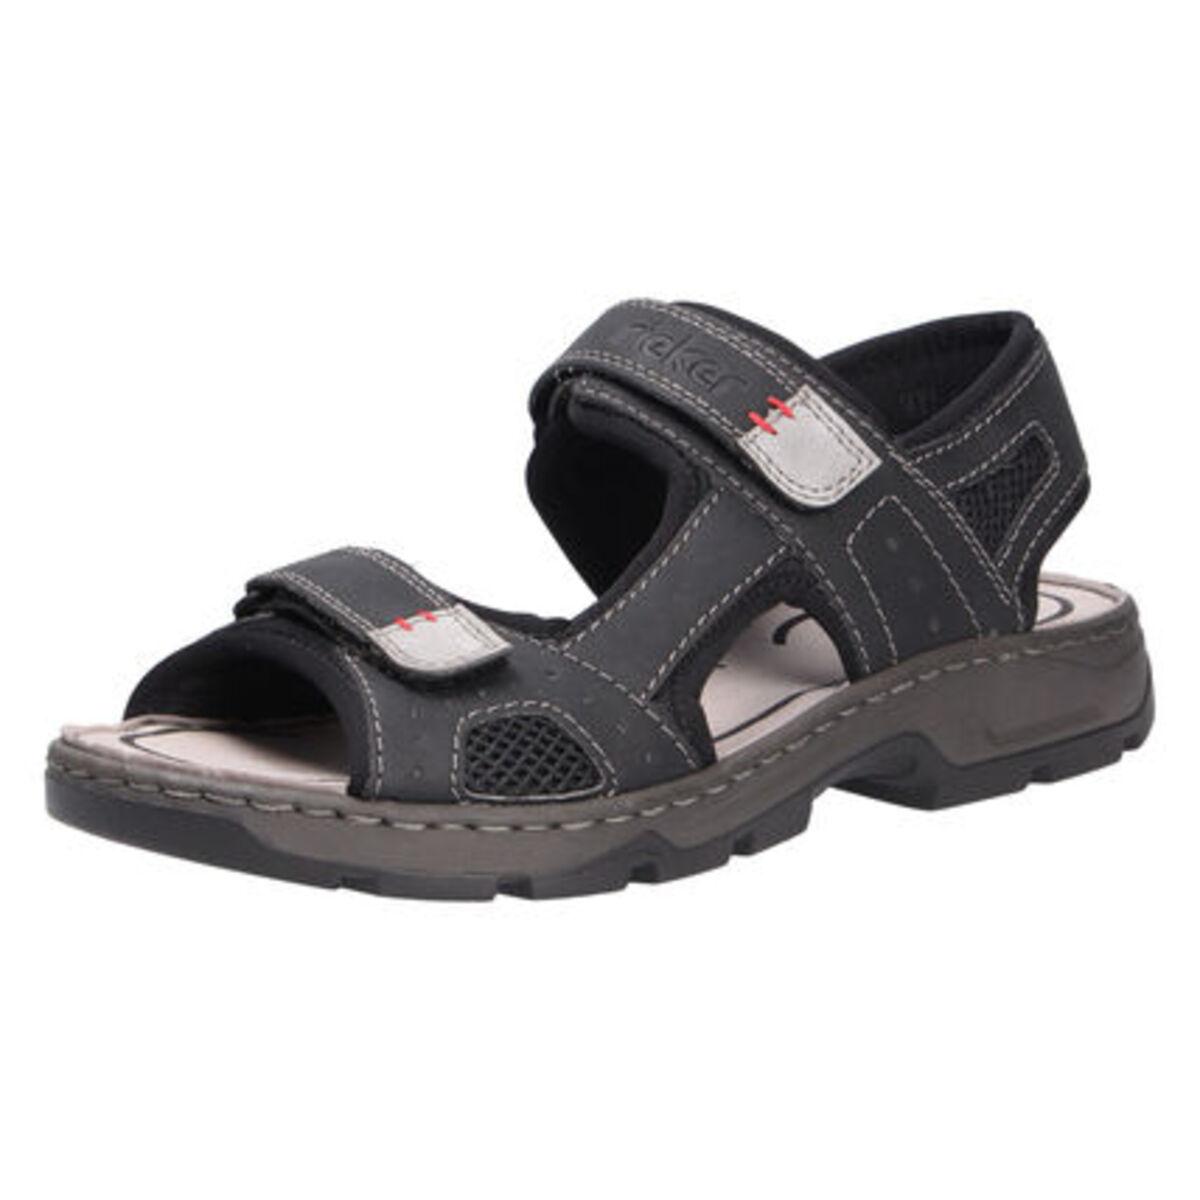 Bild 1 von Rieker Sandale, Leder, für Herren